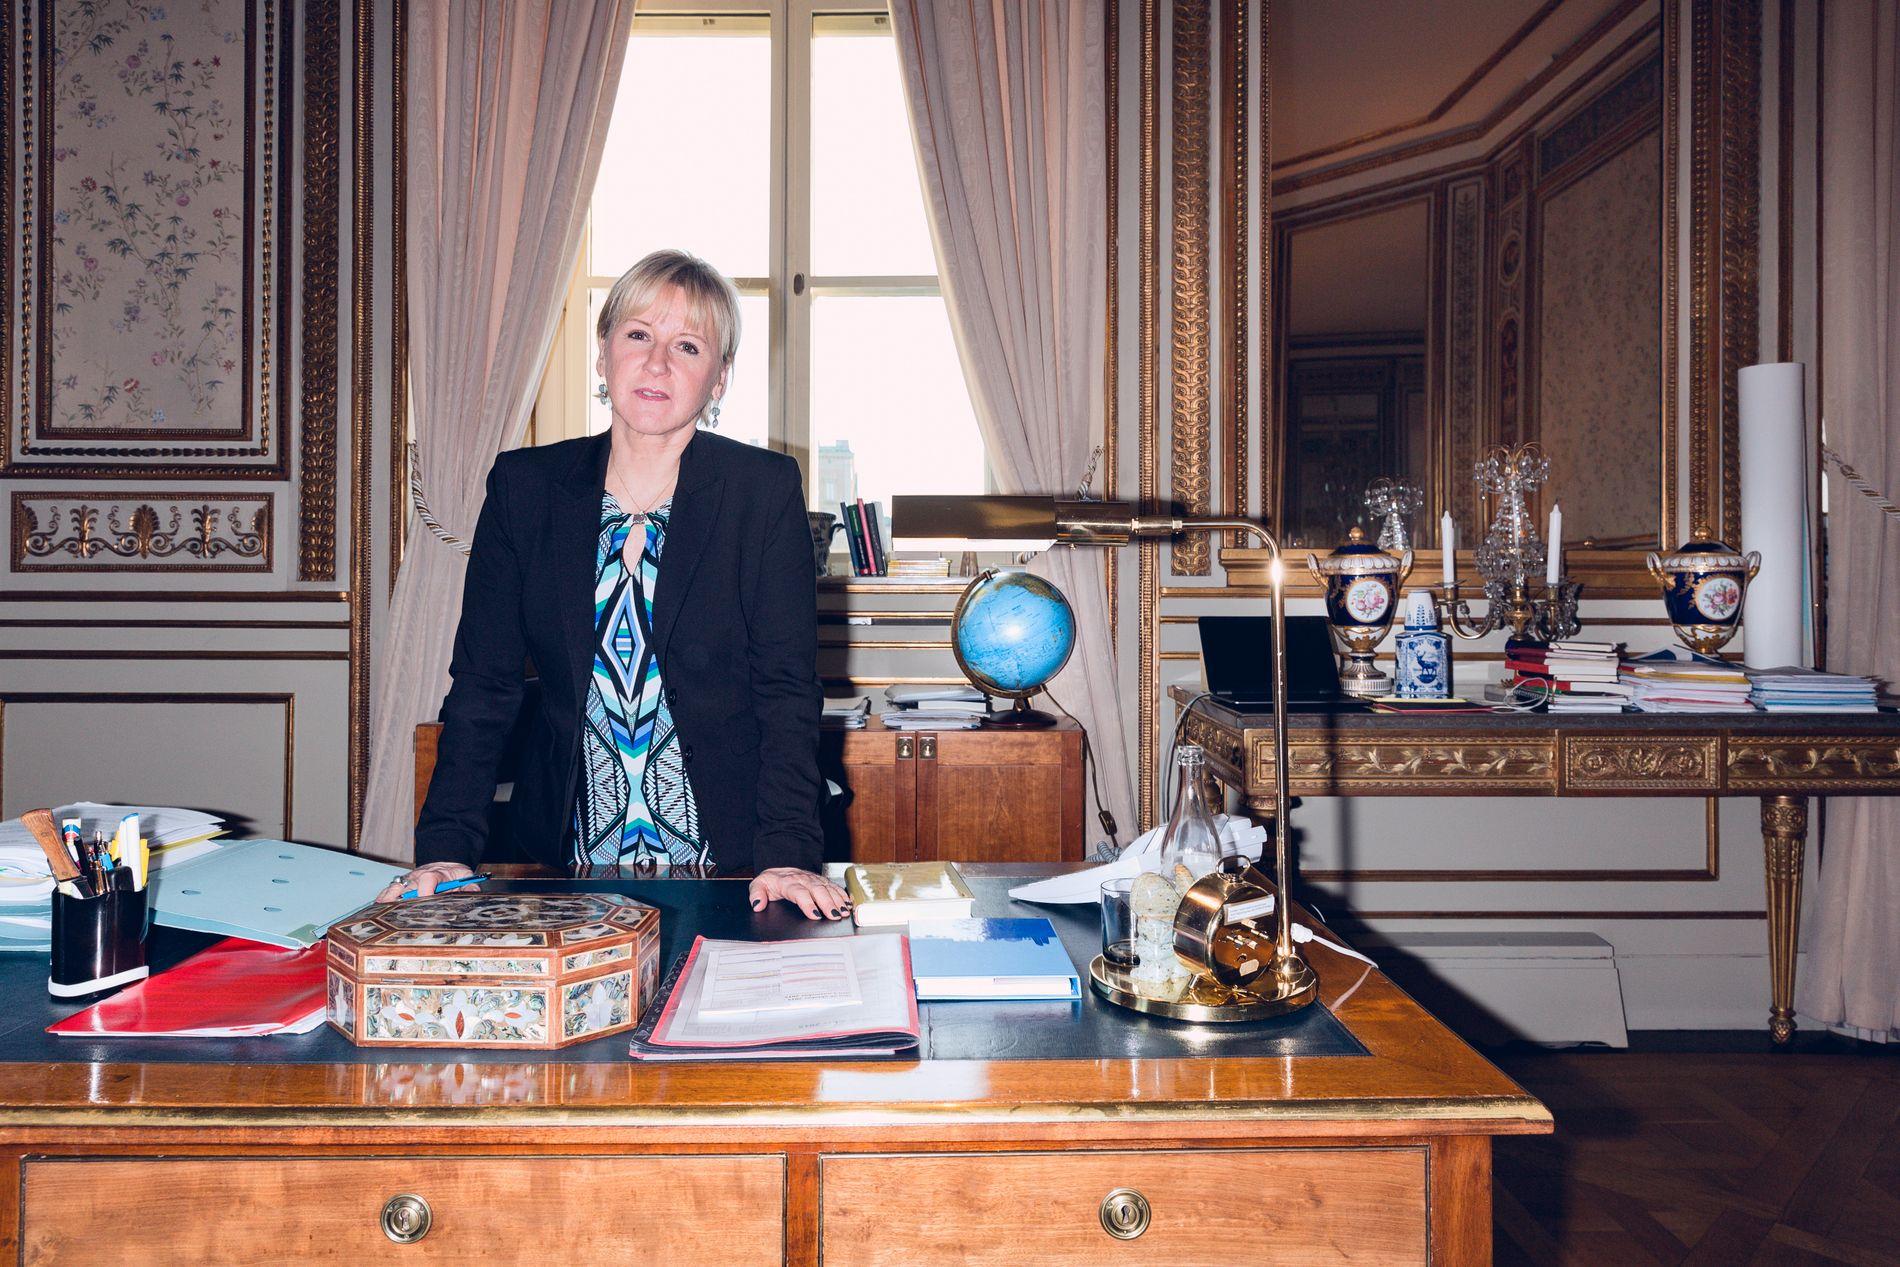 VIL HENTE BARNA: Sveriges utenriksminister Margot Wallström (Socialdemokraterna) fotografert på hennes kontor i 2015.